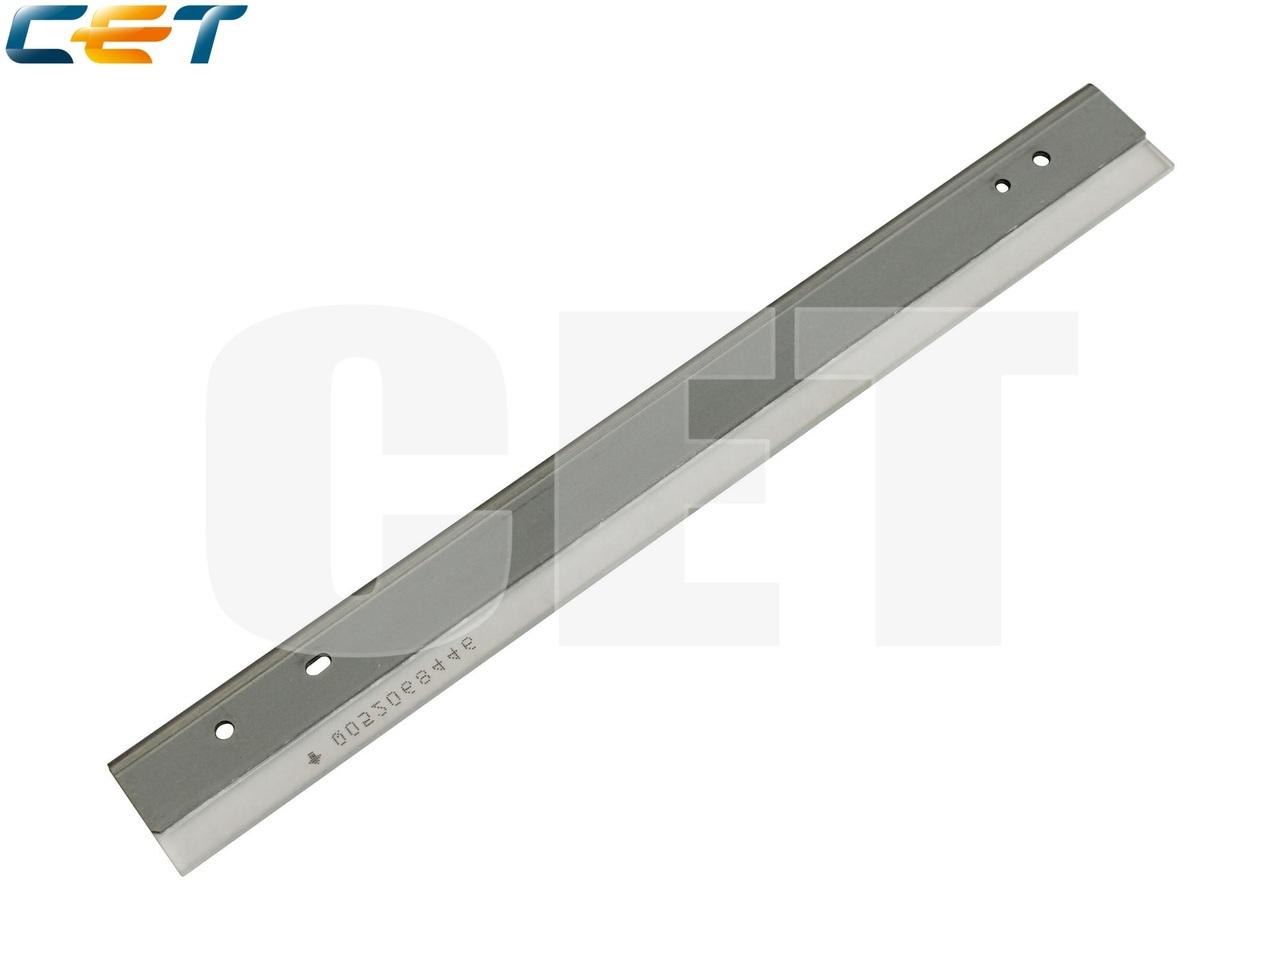 Ракель для RICOH AficioSP3400SF/SP3410SF/SP3500SF/SP3510SF (CET), CET8446